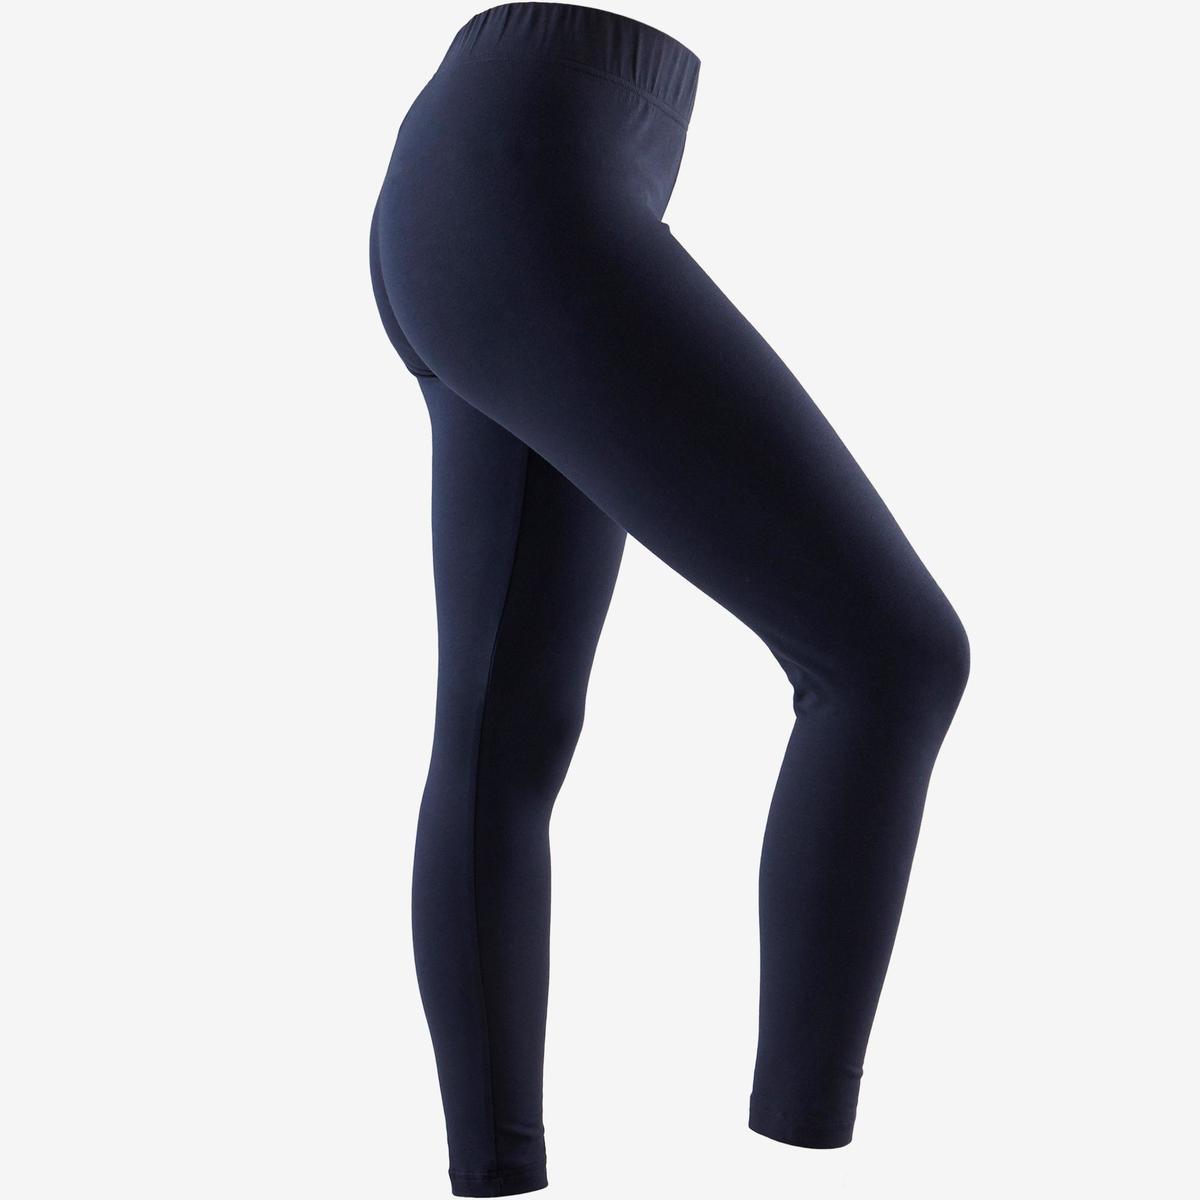 Bild 3 von Leggings Linear 500 Gym Damen weiß/blau